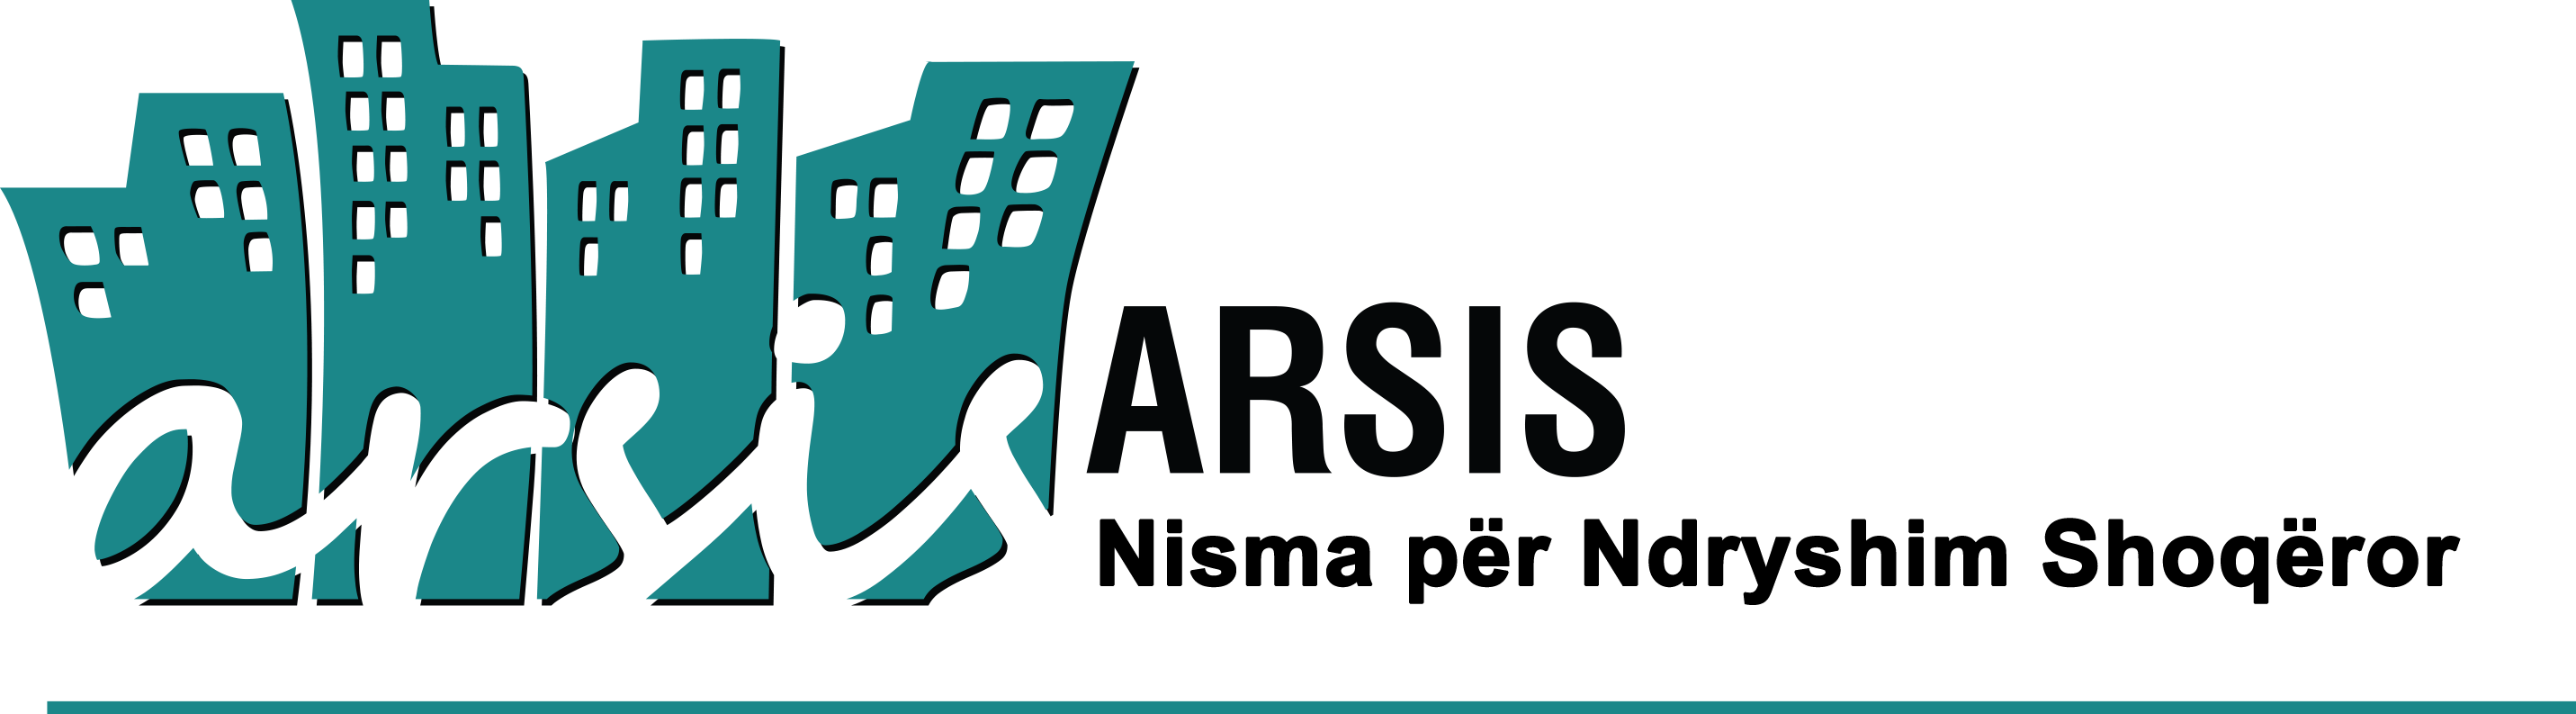 nisma-arsis.org